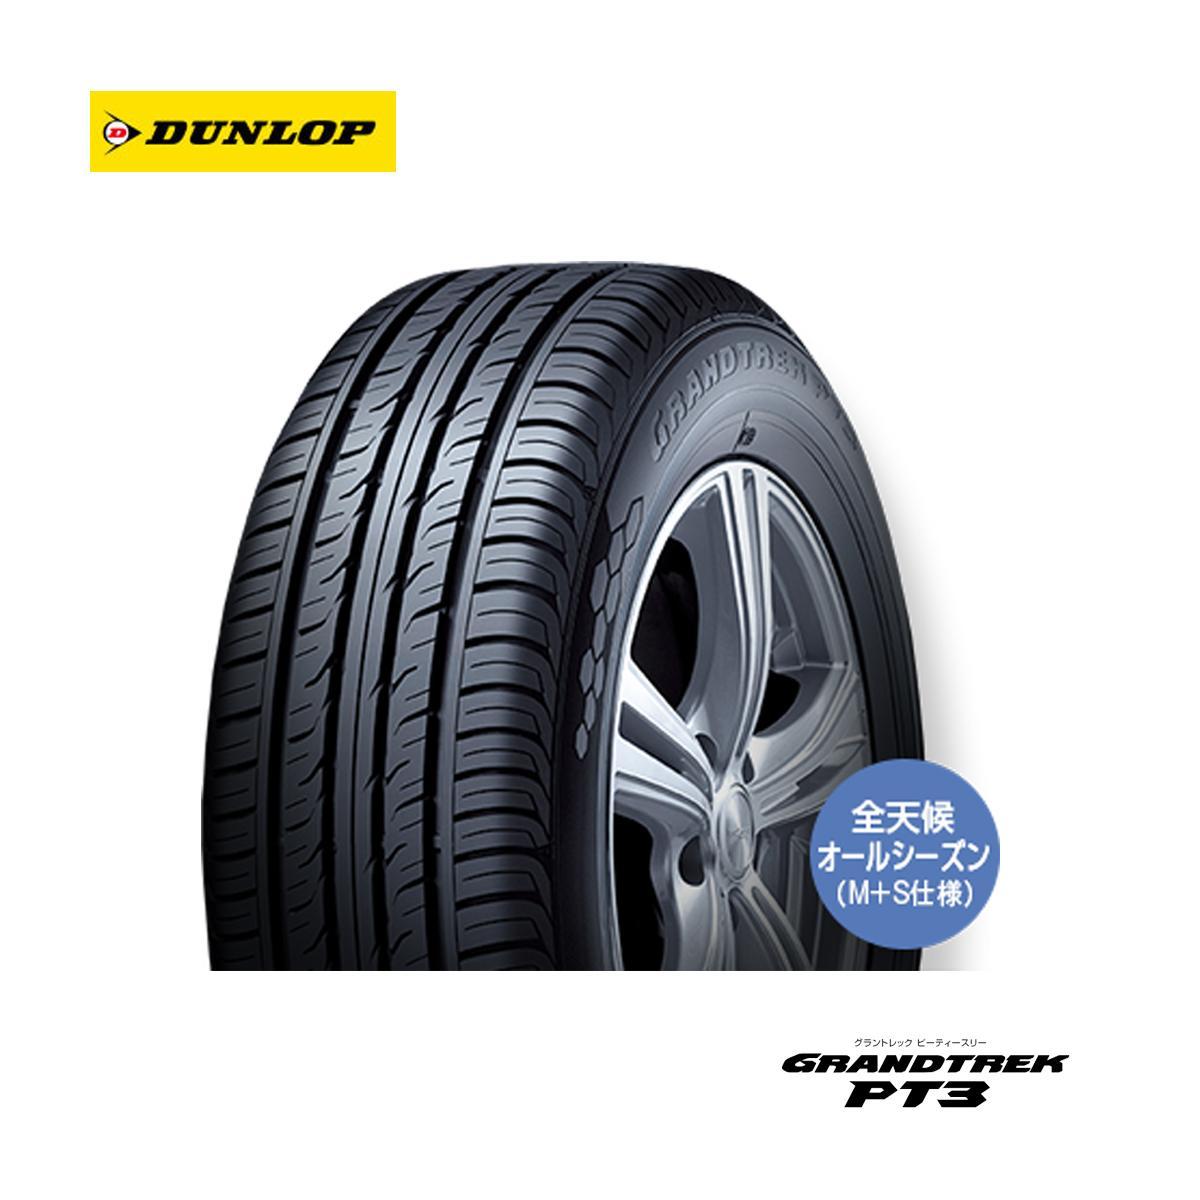 DUNLOP ダンロップ 4WD SUV 4X4 専用 タイヤ 1本 17インチ 265/65R17 GRANDTREK PT3 グラントレック